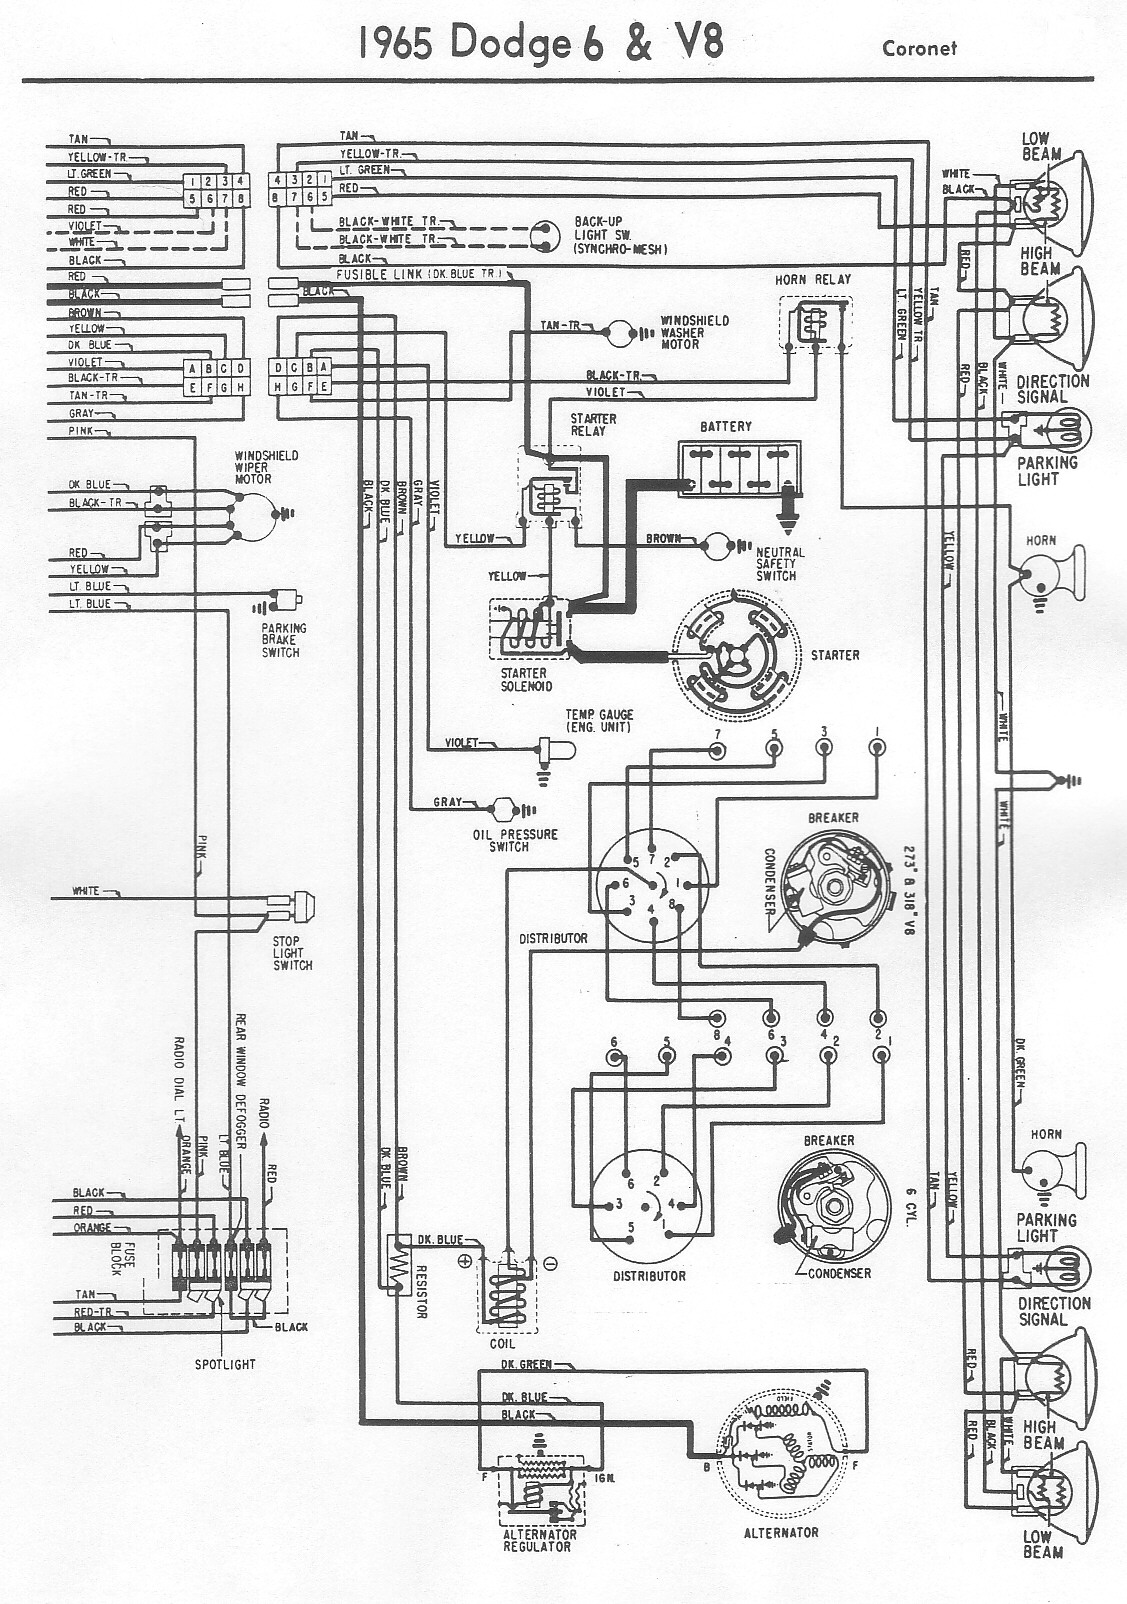 Dodge 440 Wiring Schematic 1978 Dodge Truck Wiring Diagram 1979 ... mopar electronic ignition wiring diagram Wires